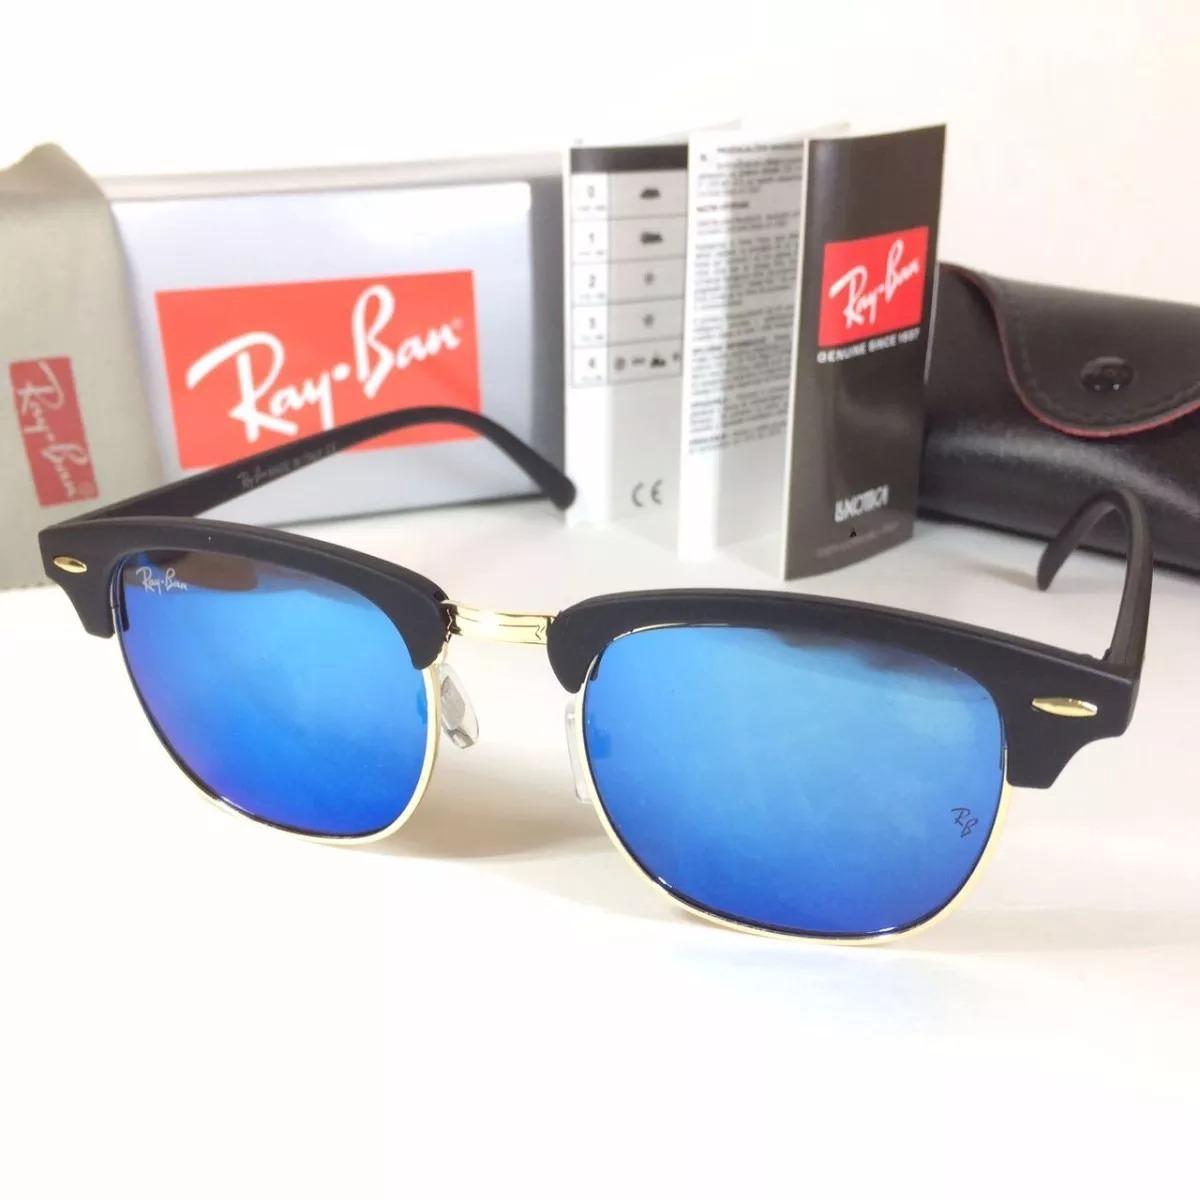 0433c8d96 oculos de sol rayban clubmaster azul espelhado /envio 24 hs. Carregando zoom .